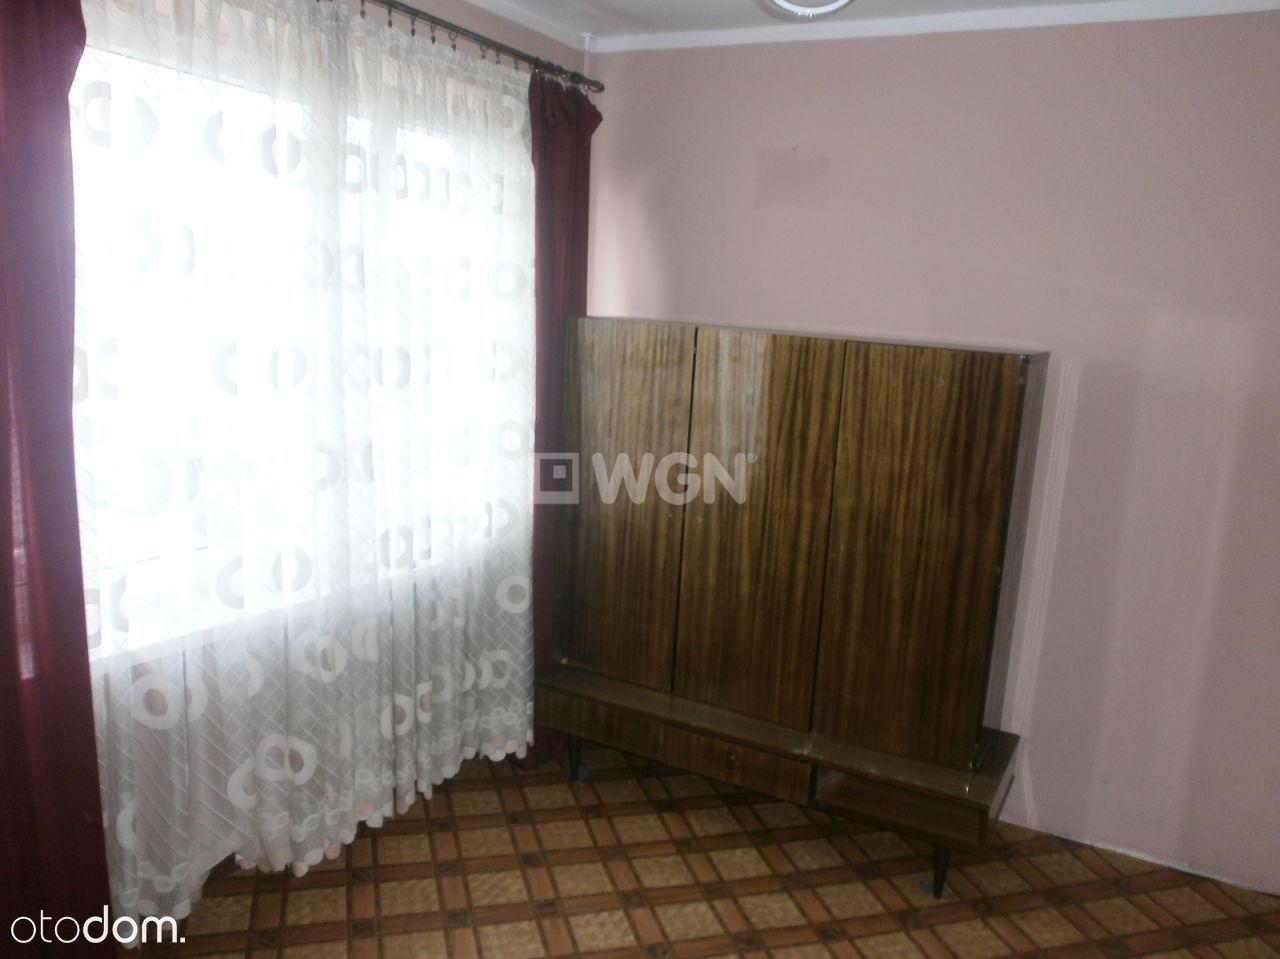 Mieszkanie na sprzedaż, Kłobuck, kłobucki, śląskie - Foto 4